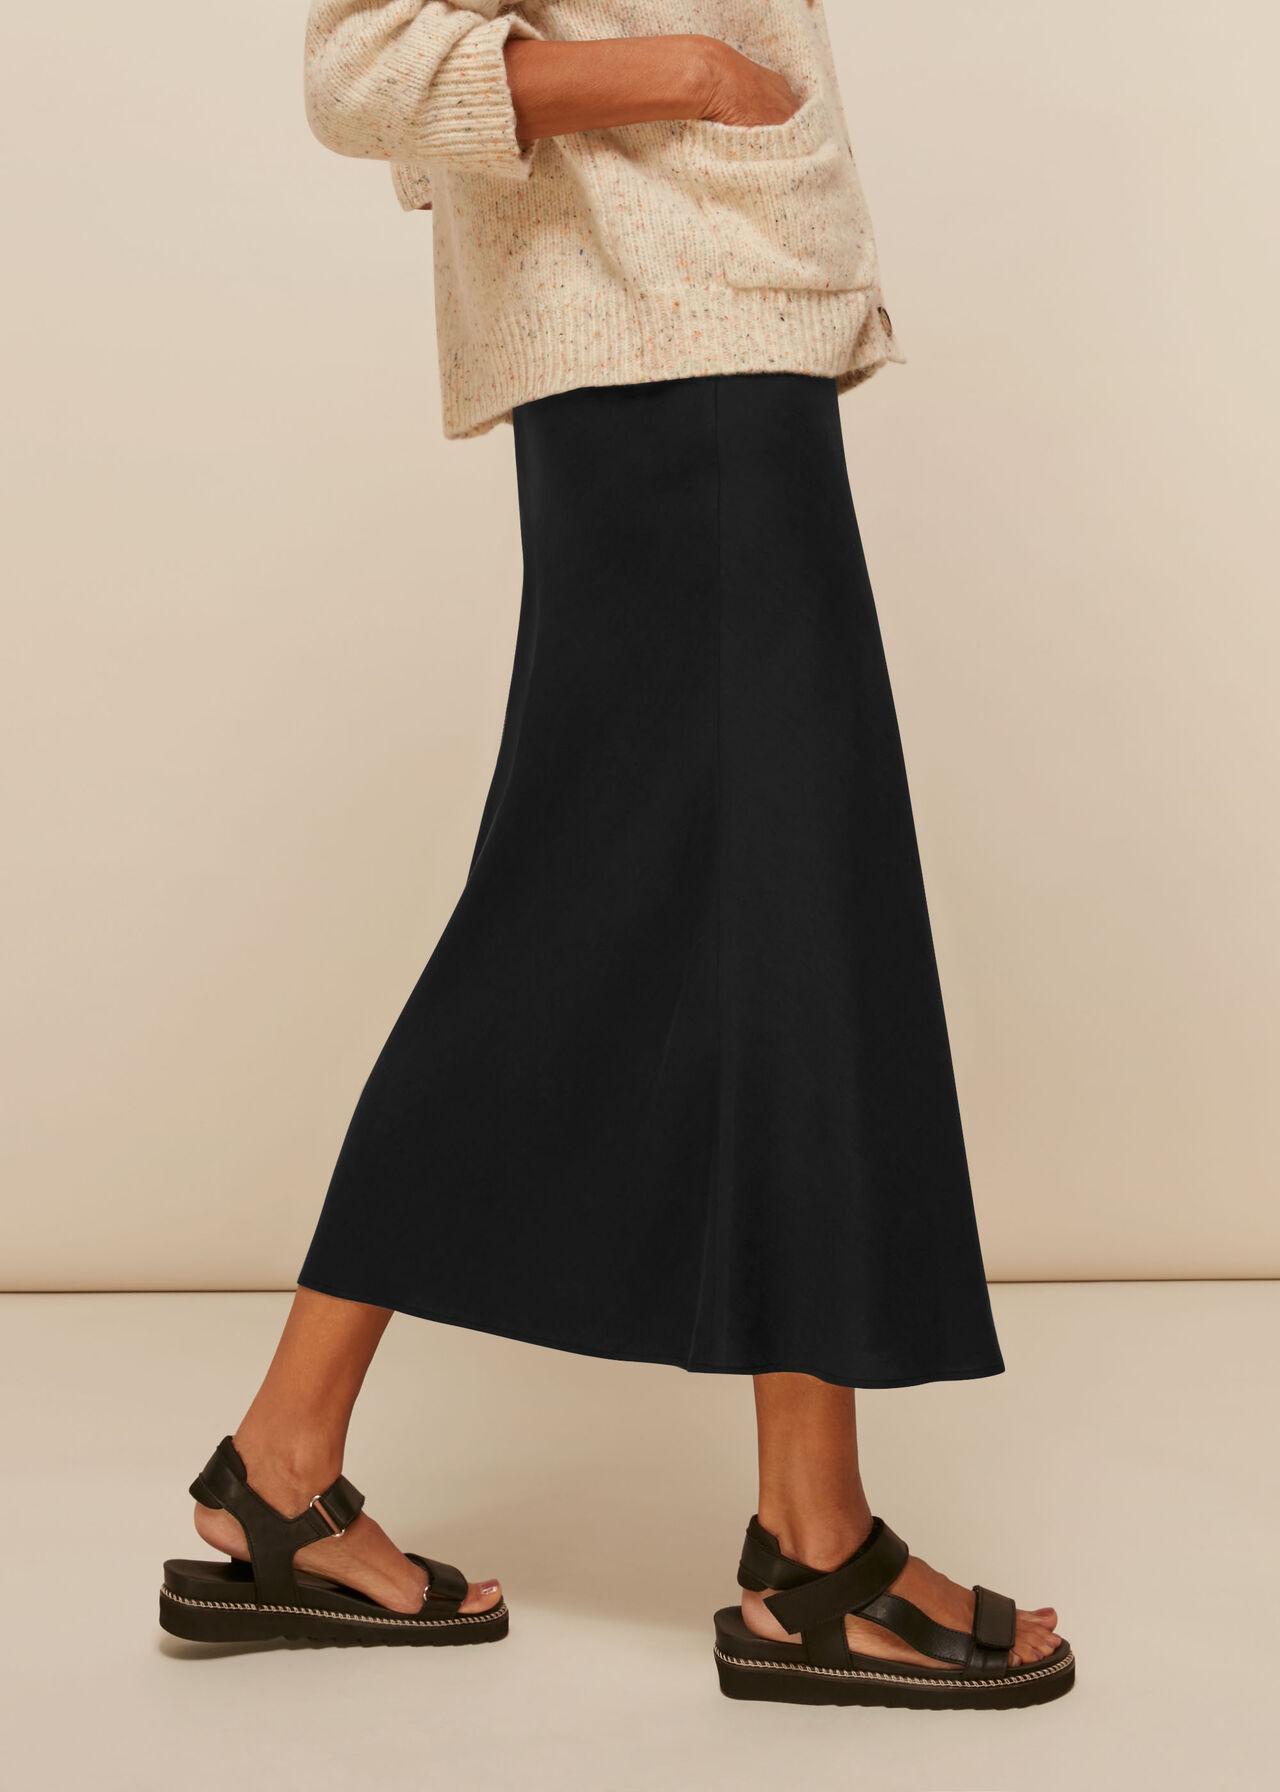 May Bias Cut Skirt